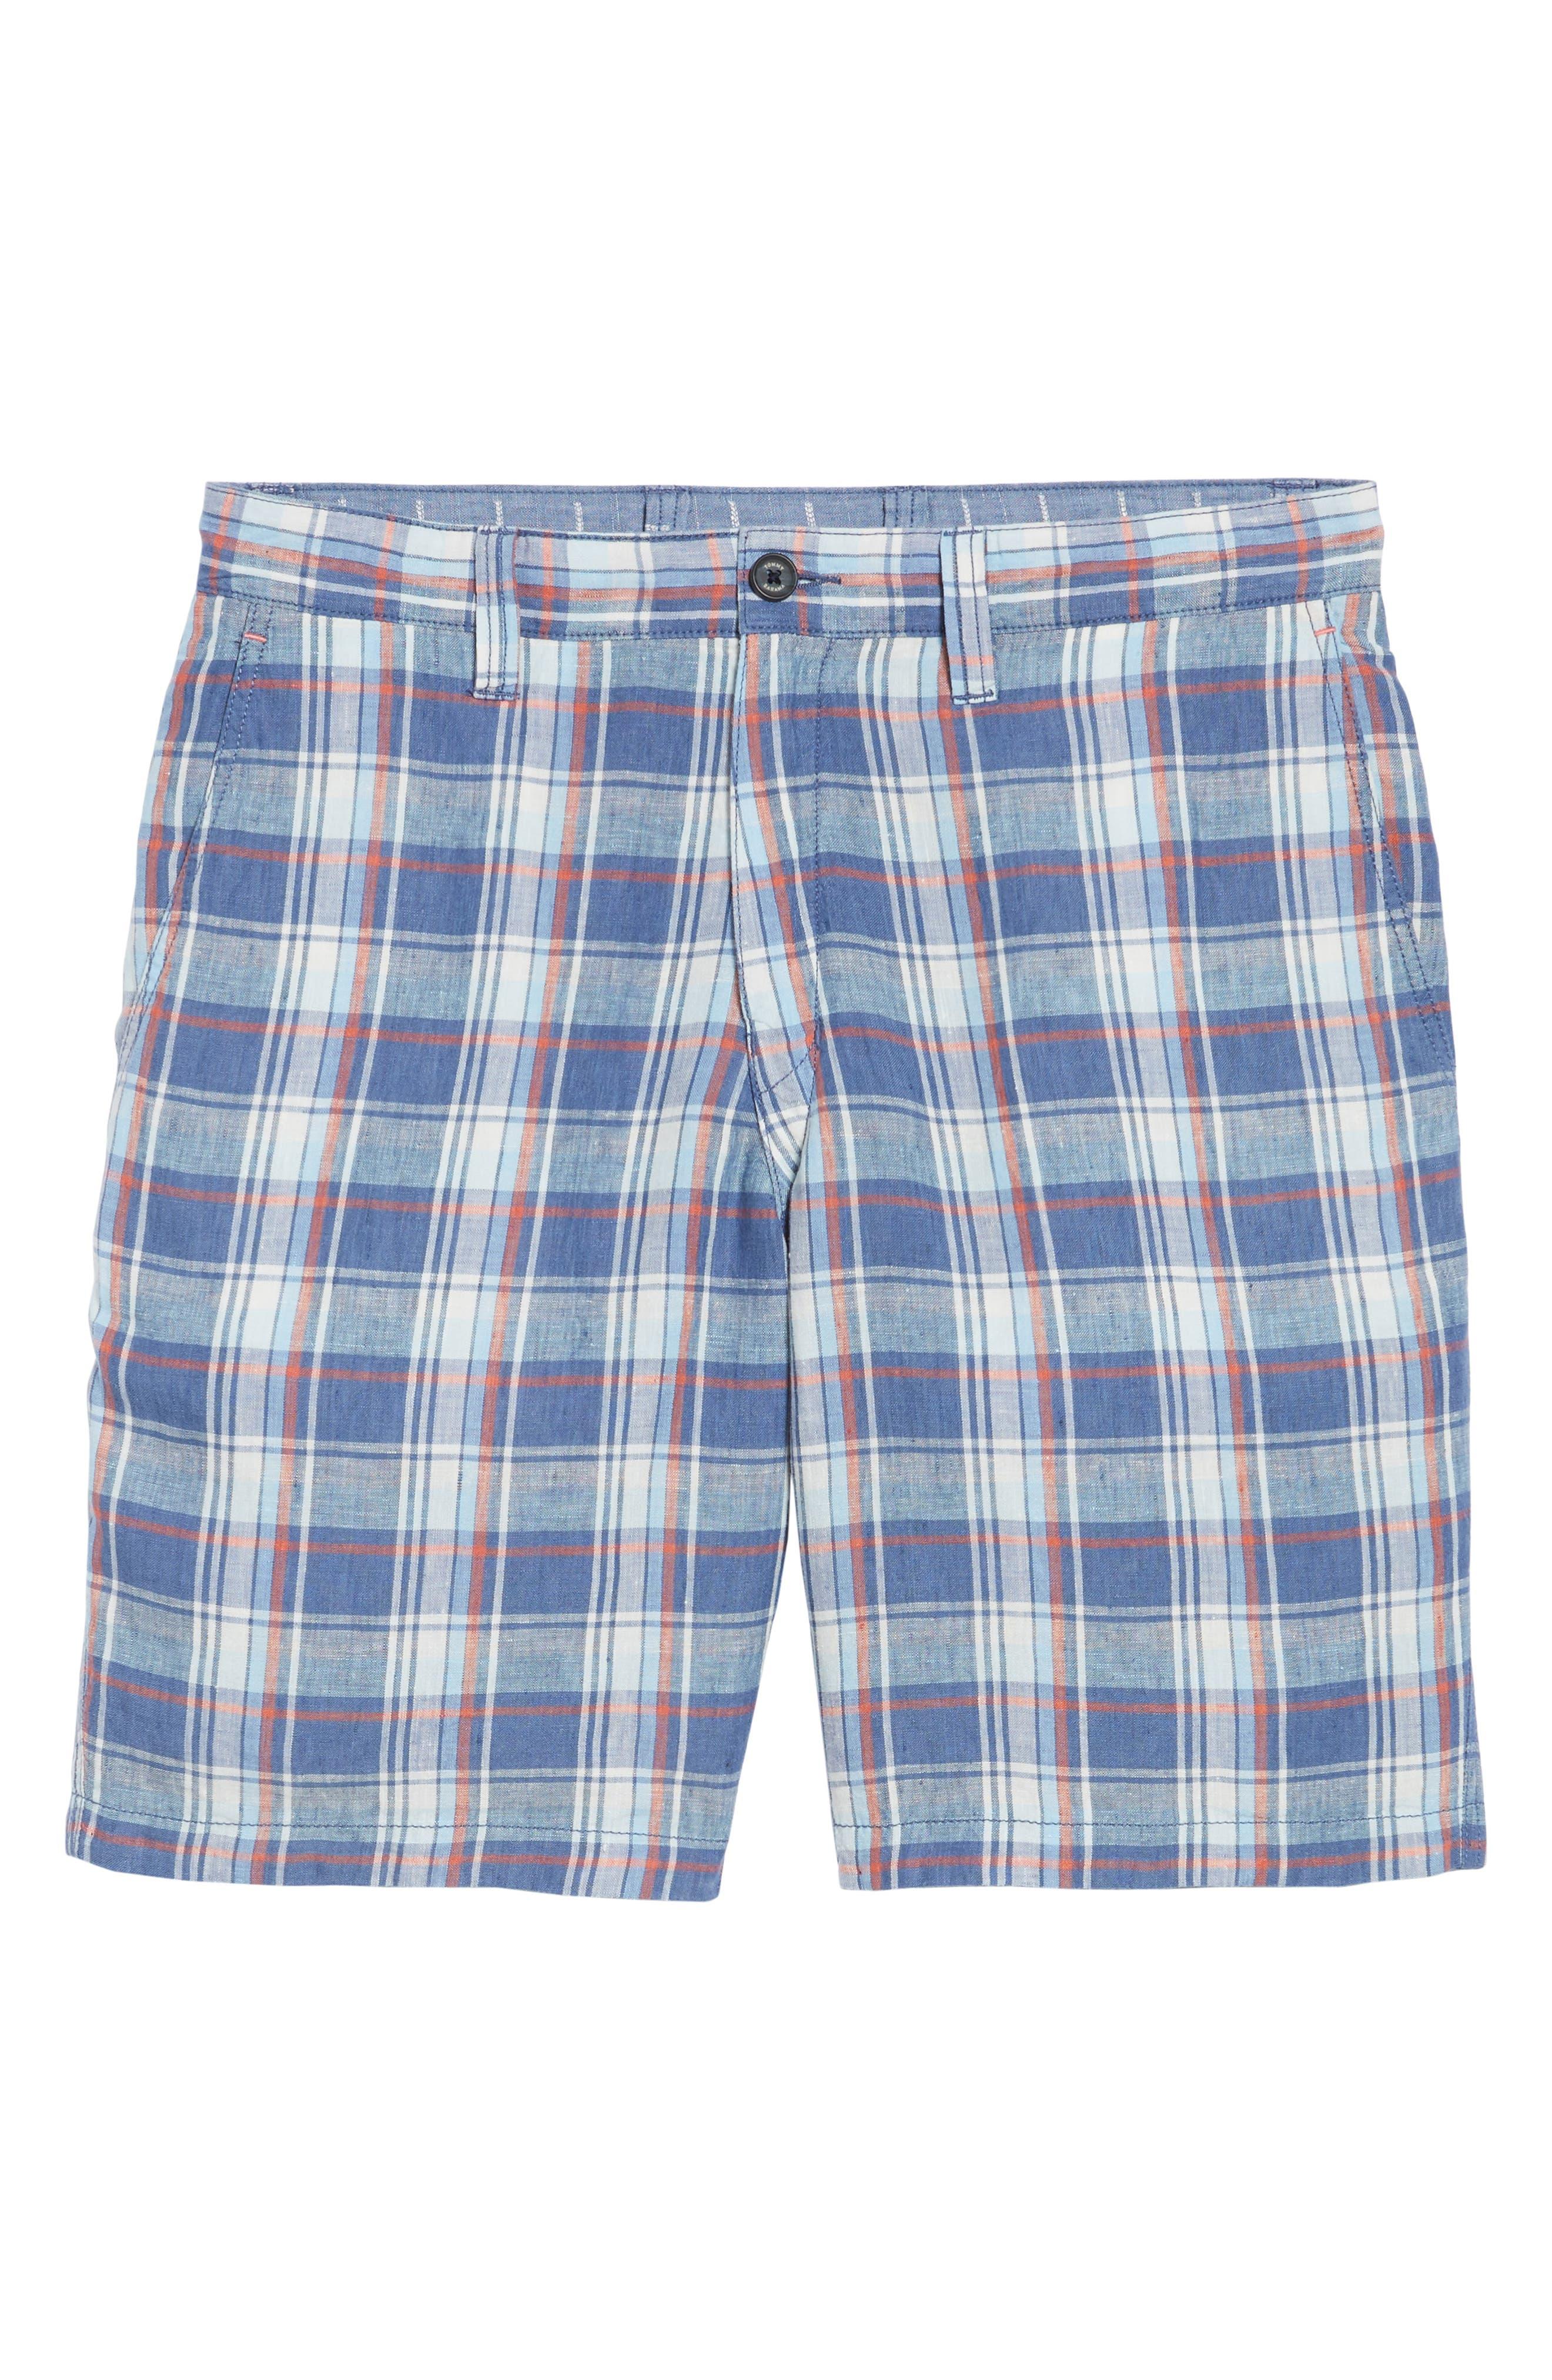 Plaid de Leon Reversible Linen Shorts,                             Alternate thumbnail 6, color,                             401